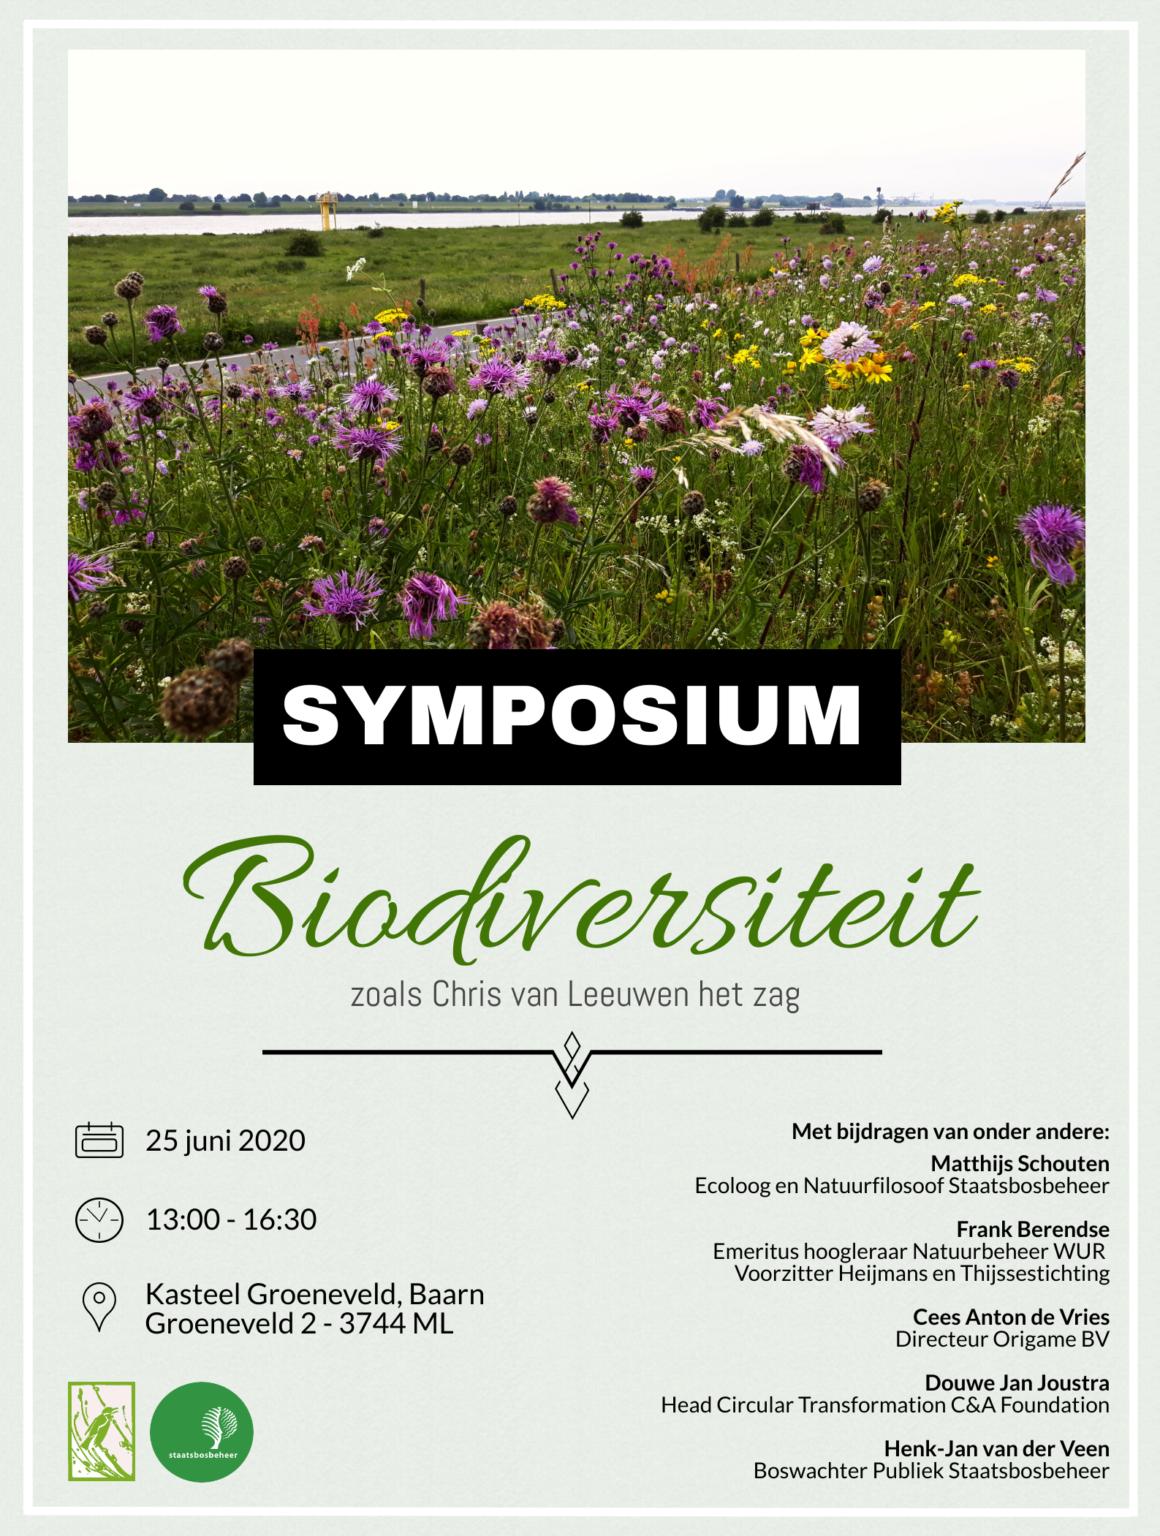 Symposium 'Biodiversiteit zoals Chris van Leeuwen het zag' 25-06-2020